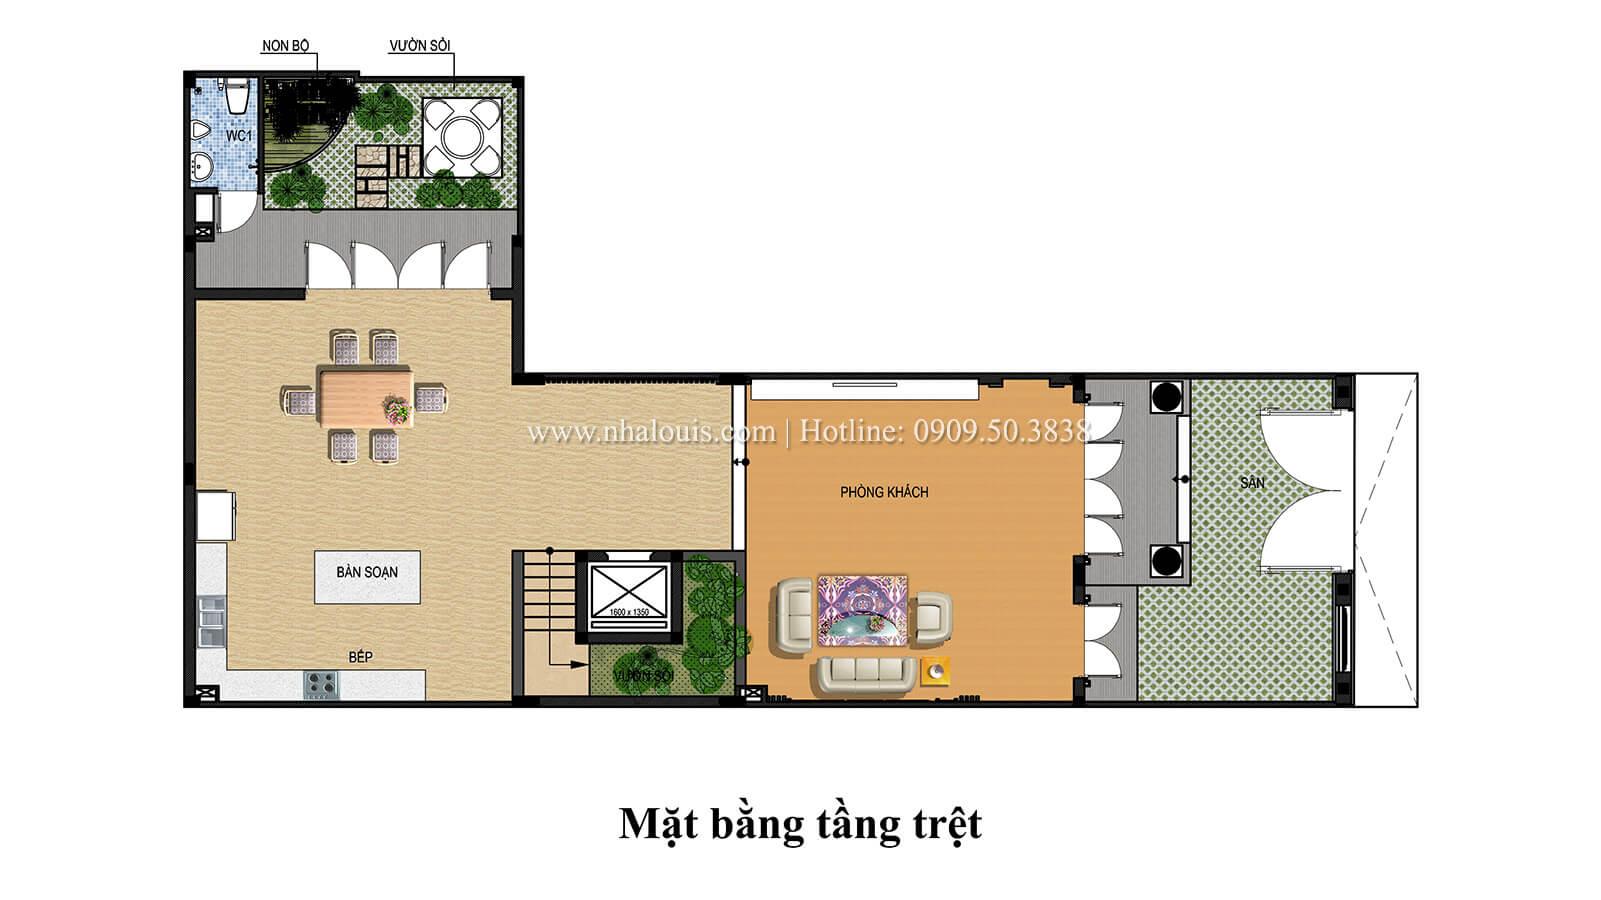 Mặt bằng tầng trệt Mẫu nhà phố bán cổ điển với mái Thái độc đáo tại Tân Bình - 26